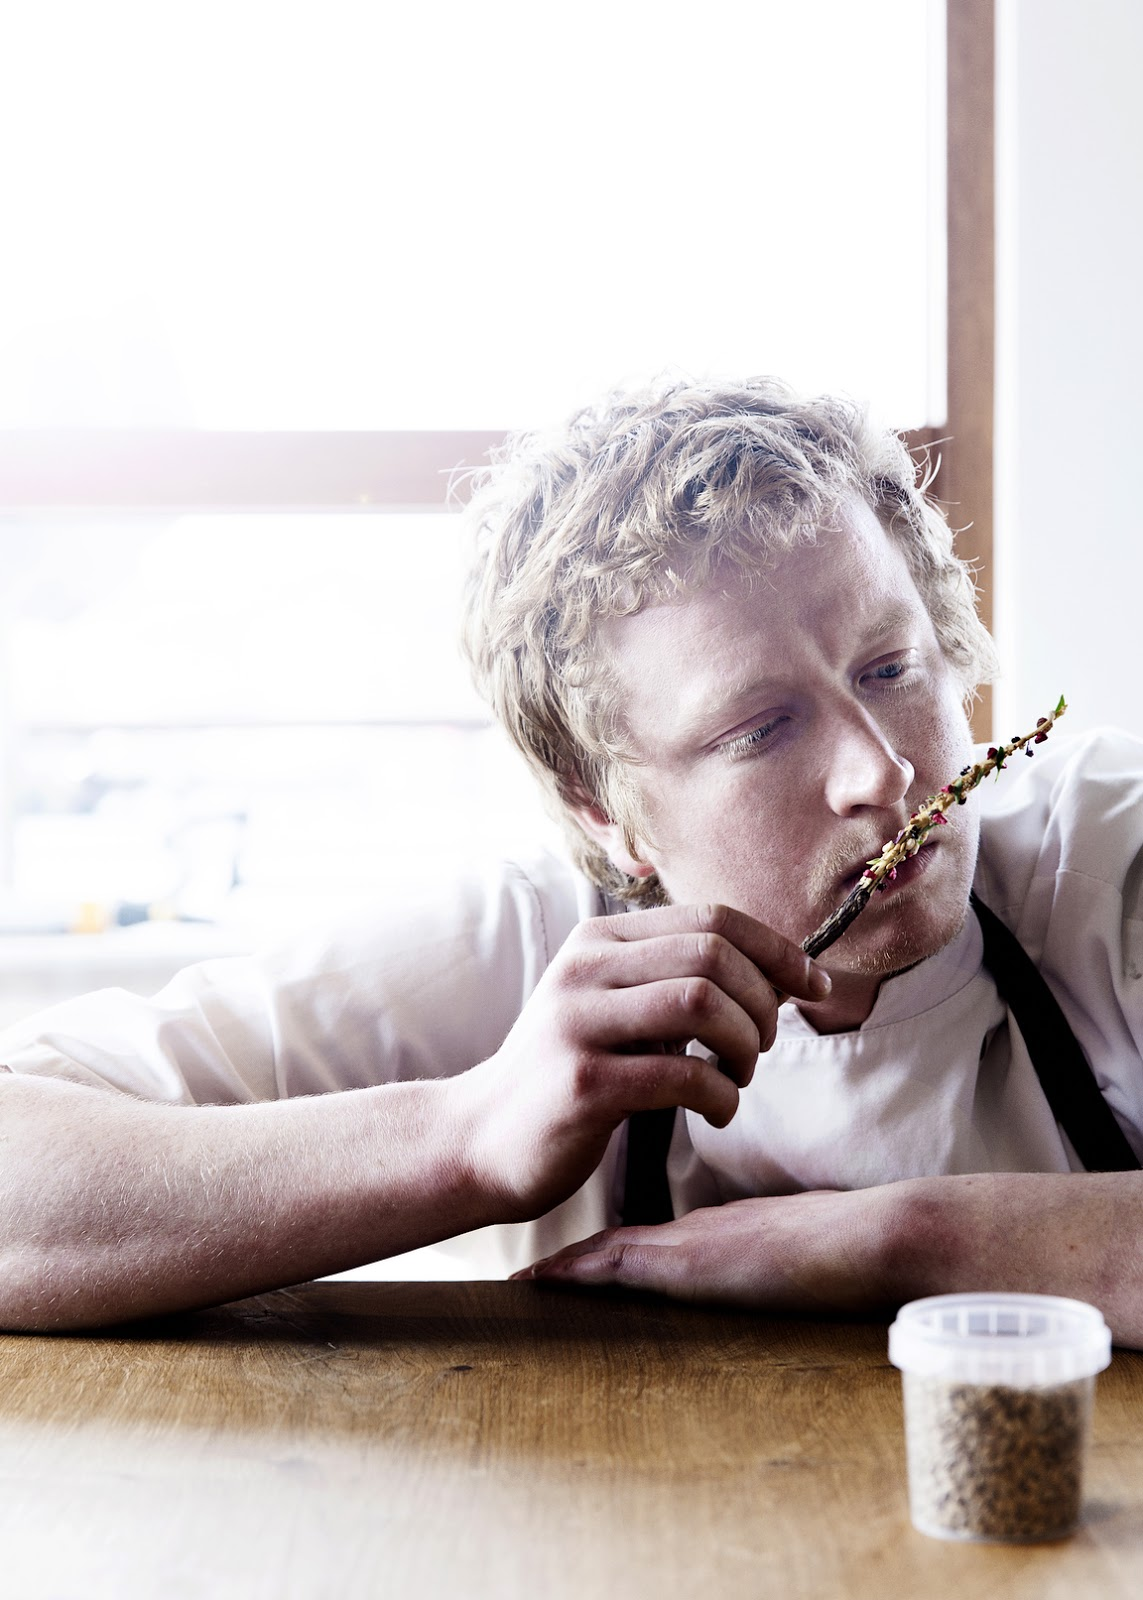 Eating bugs, Noma-style